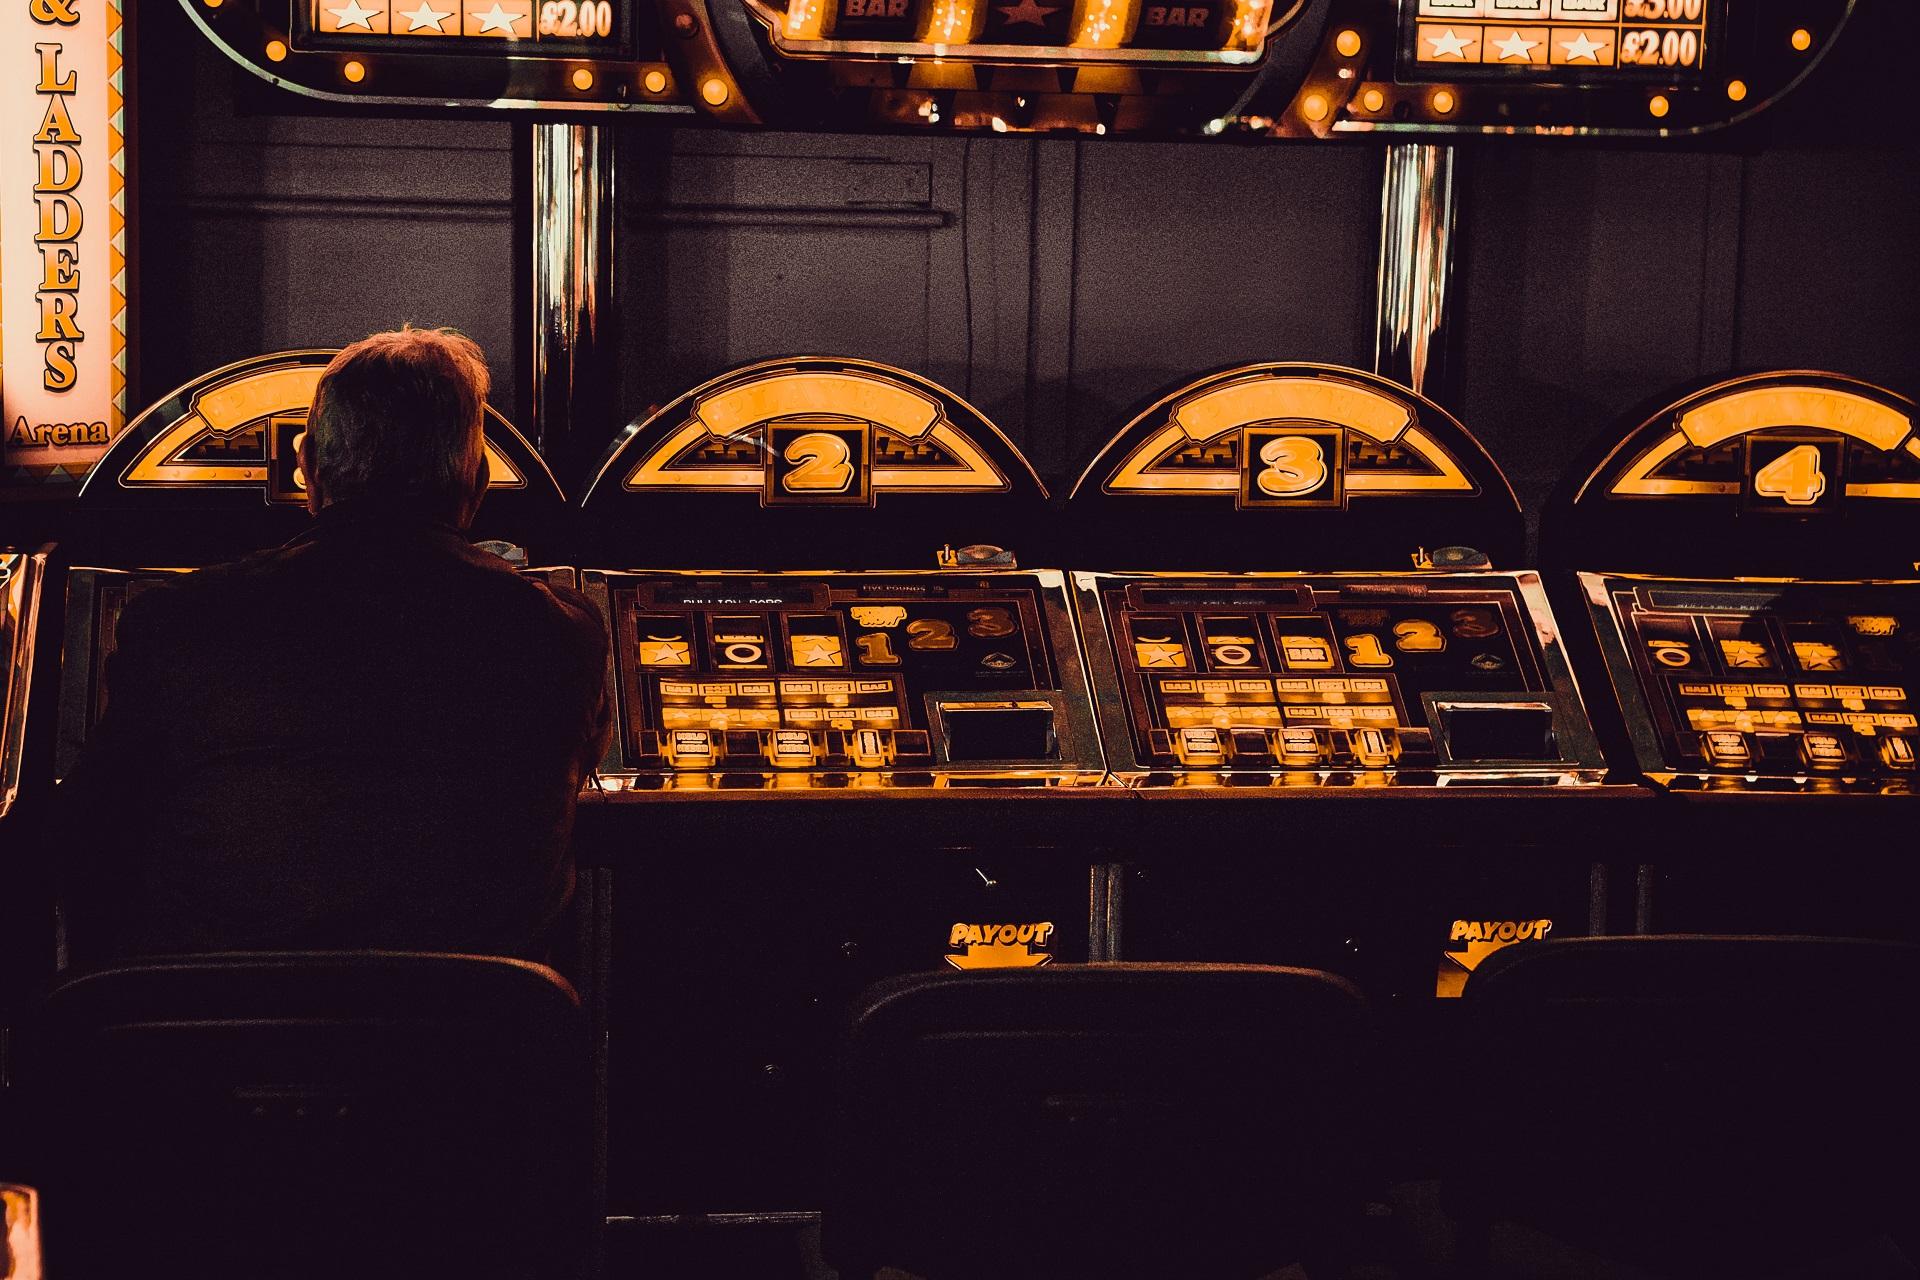 オンラインカジノのボーナスの種類は何ですか?